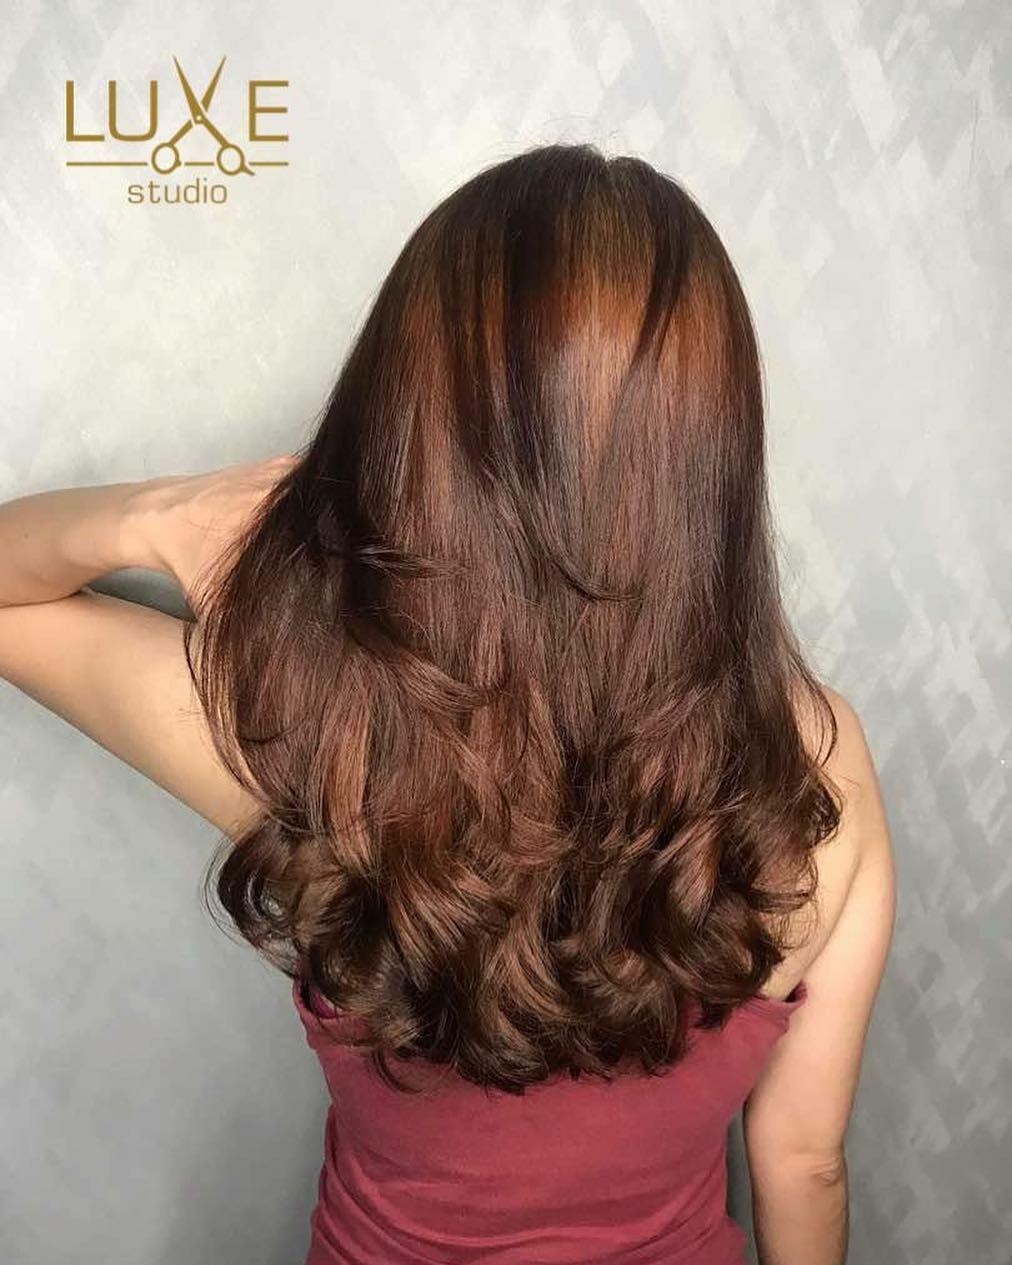 luxe studio jb hair salon